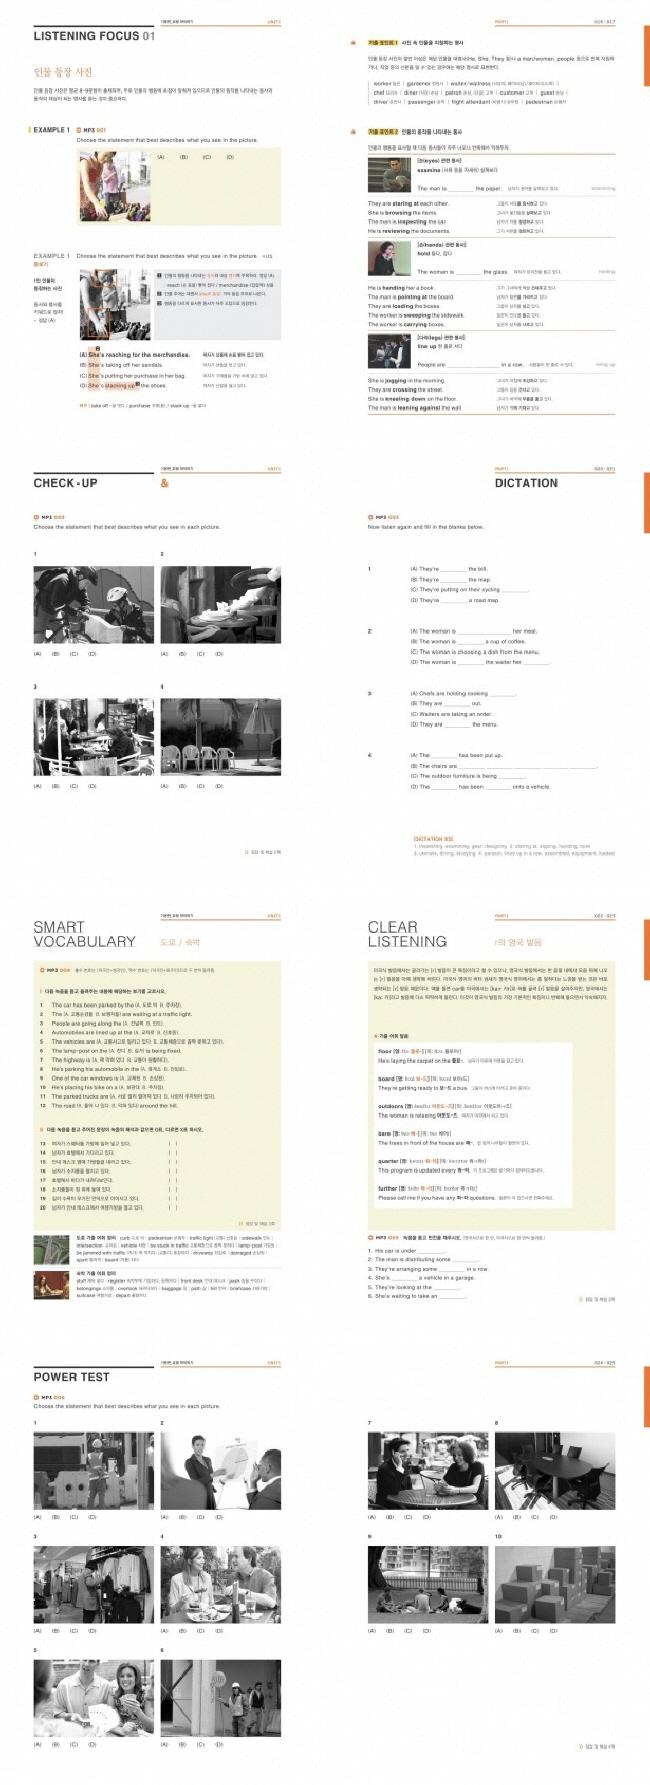 토마토 INTENSIVE LISTENING 2ND EDITION(2009) 도서 상세이미지